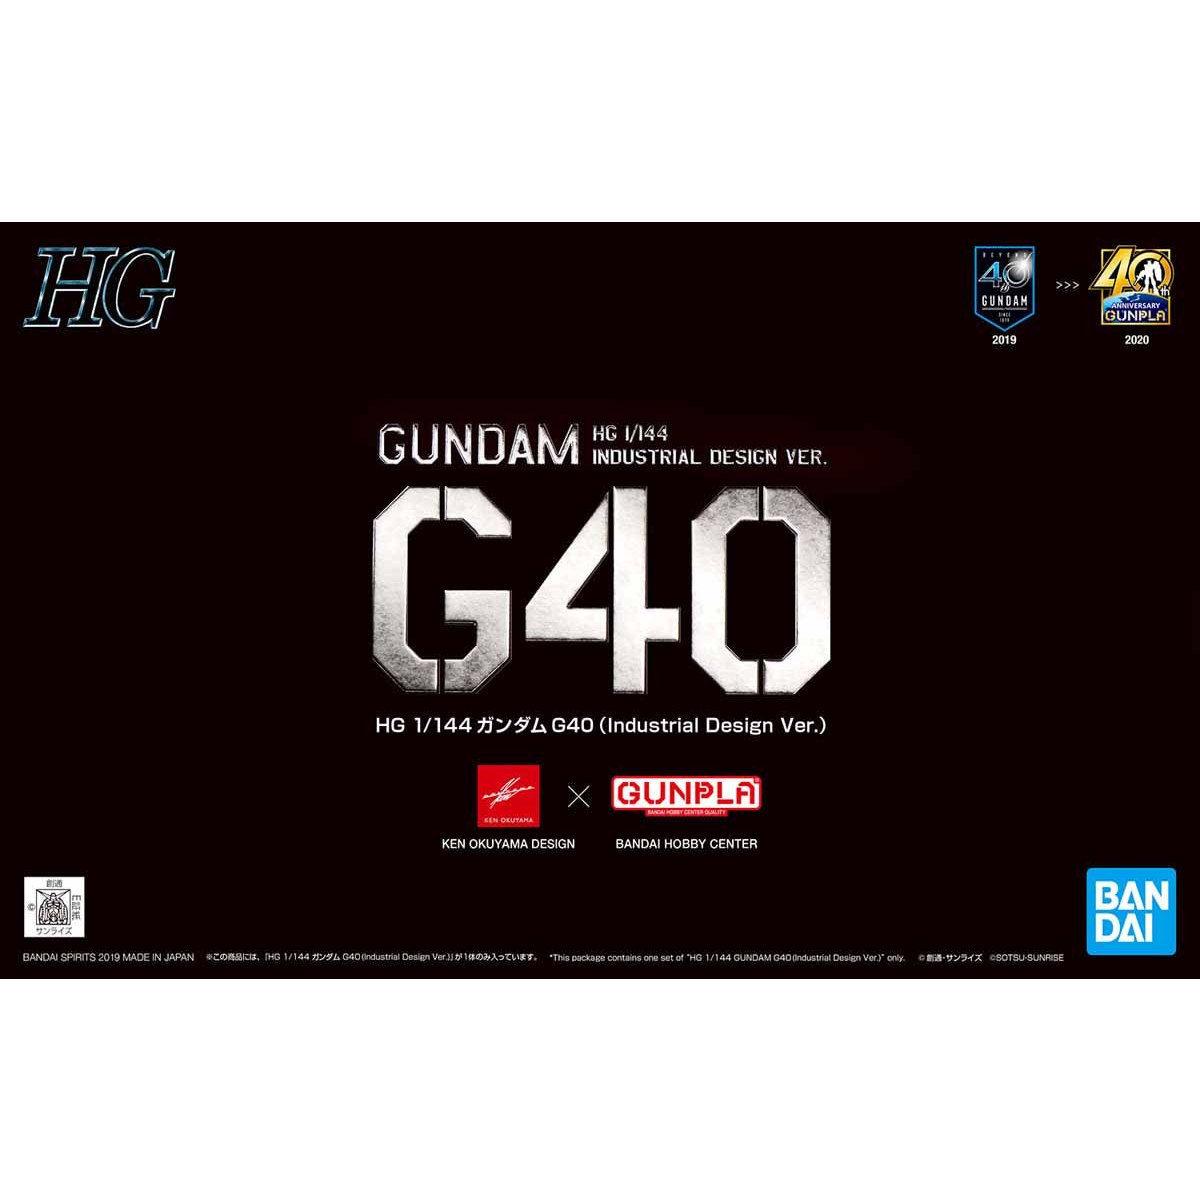 【再販】HG 1/144『ガンダムG40(Industrial Design Ver.)』プラモデル-014